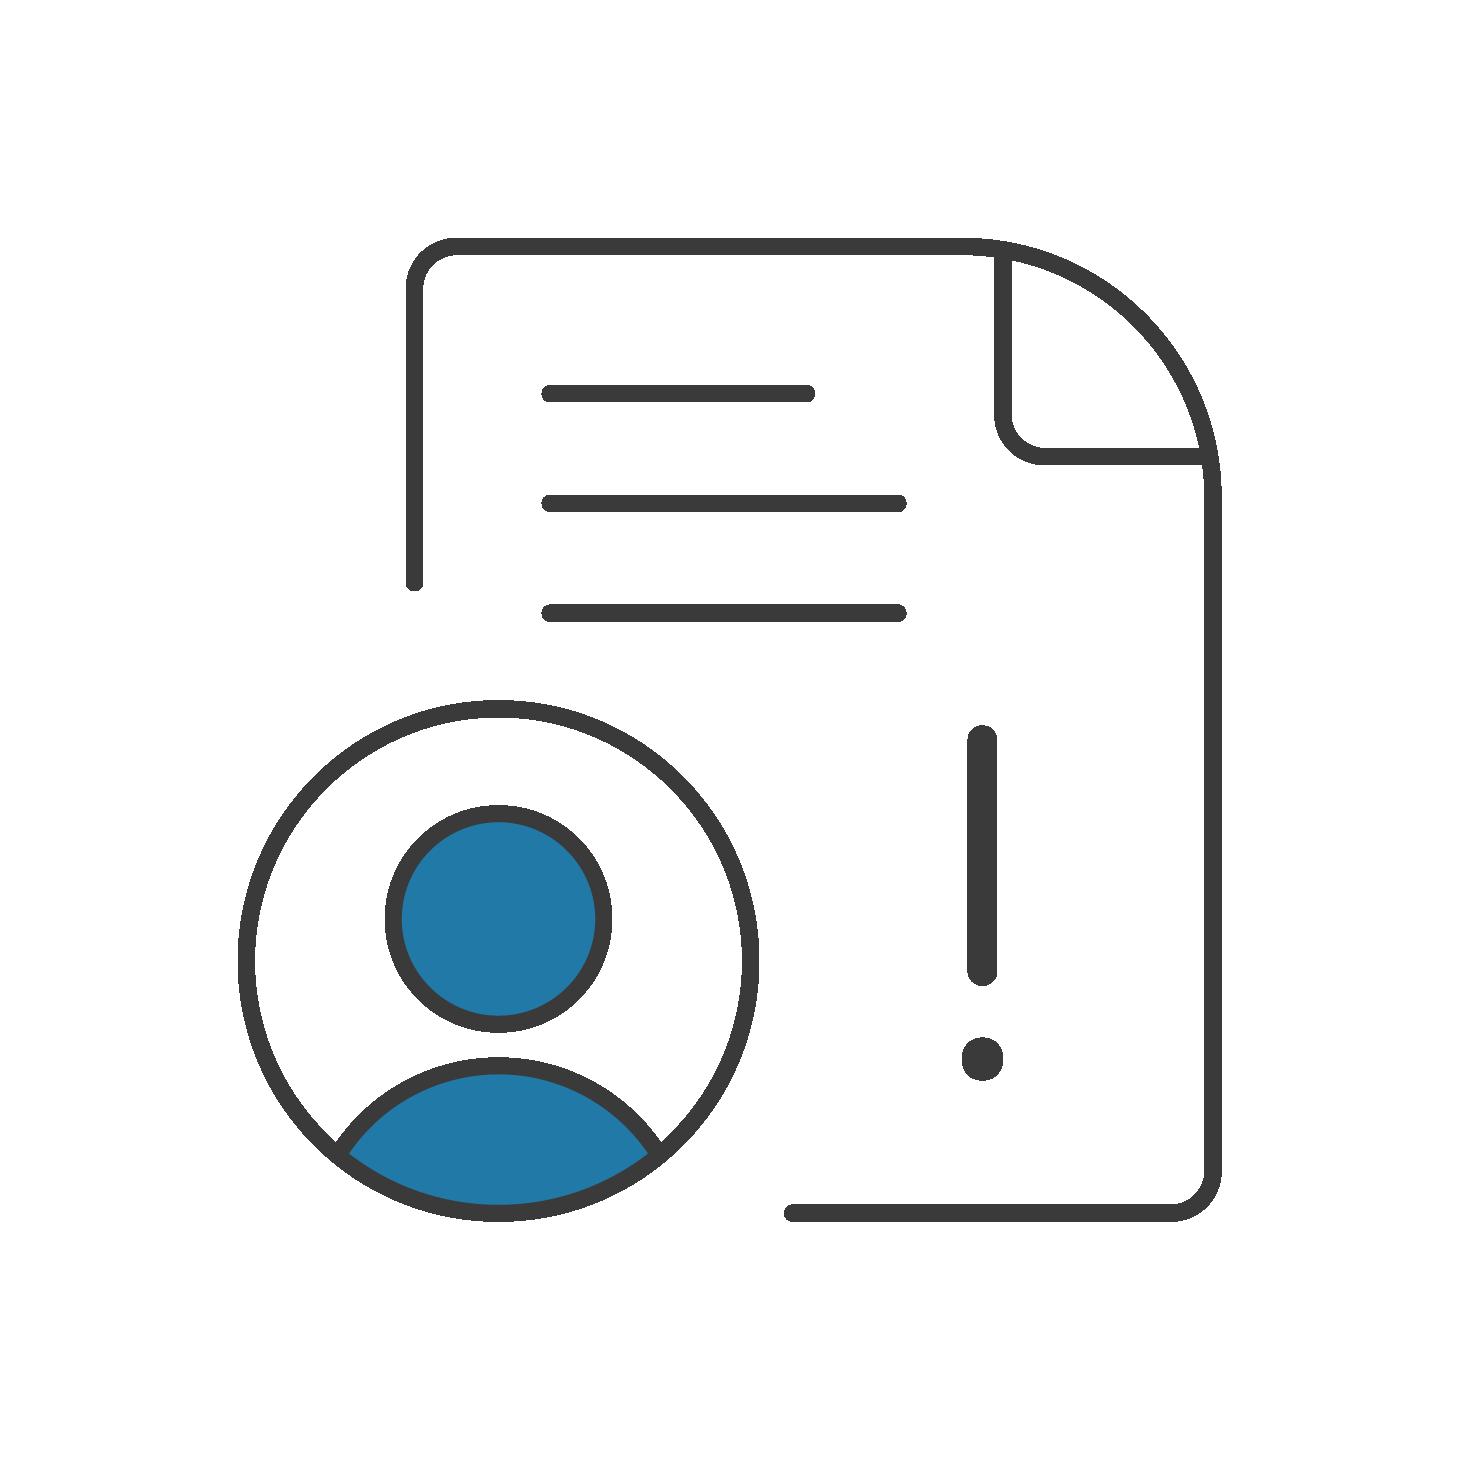 File a claim icon